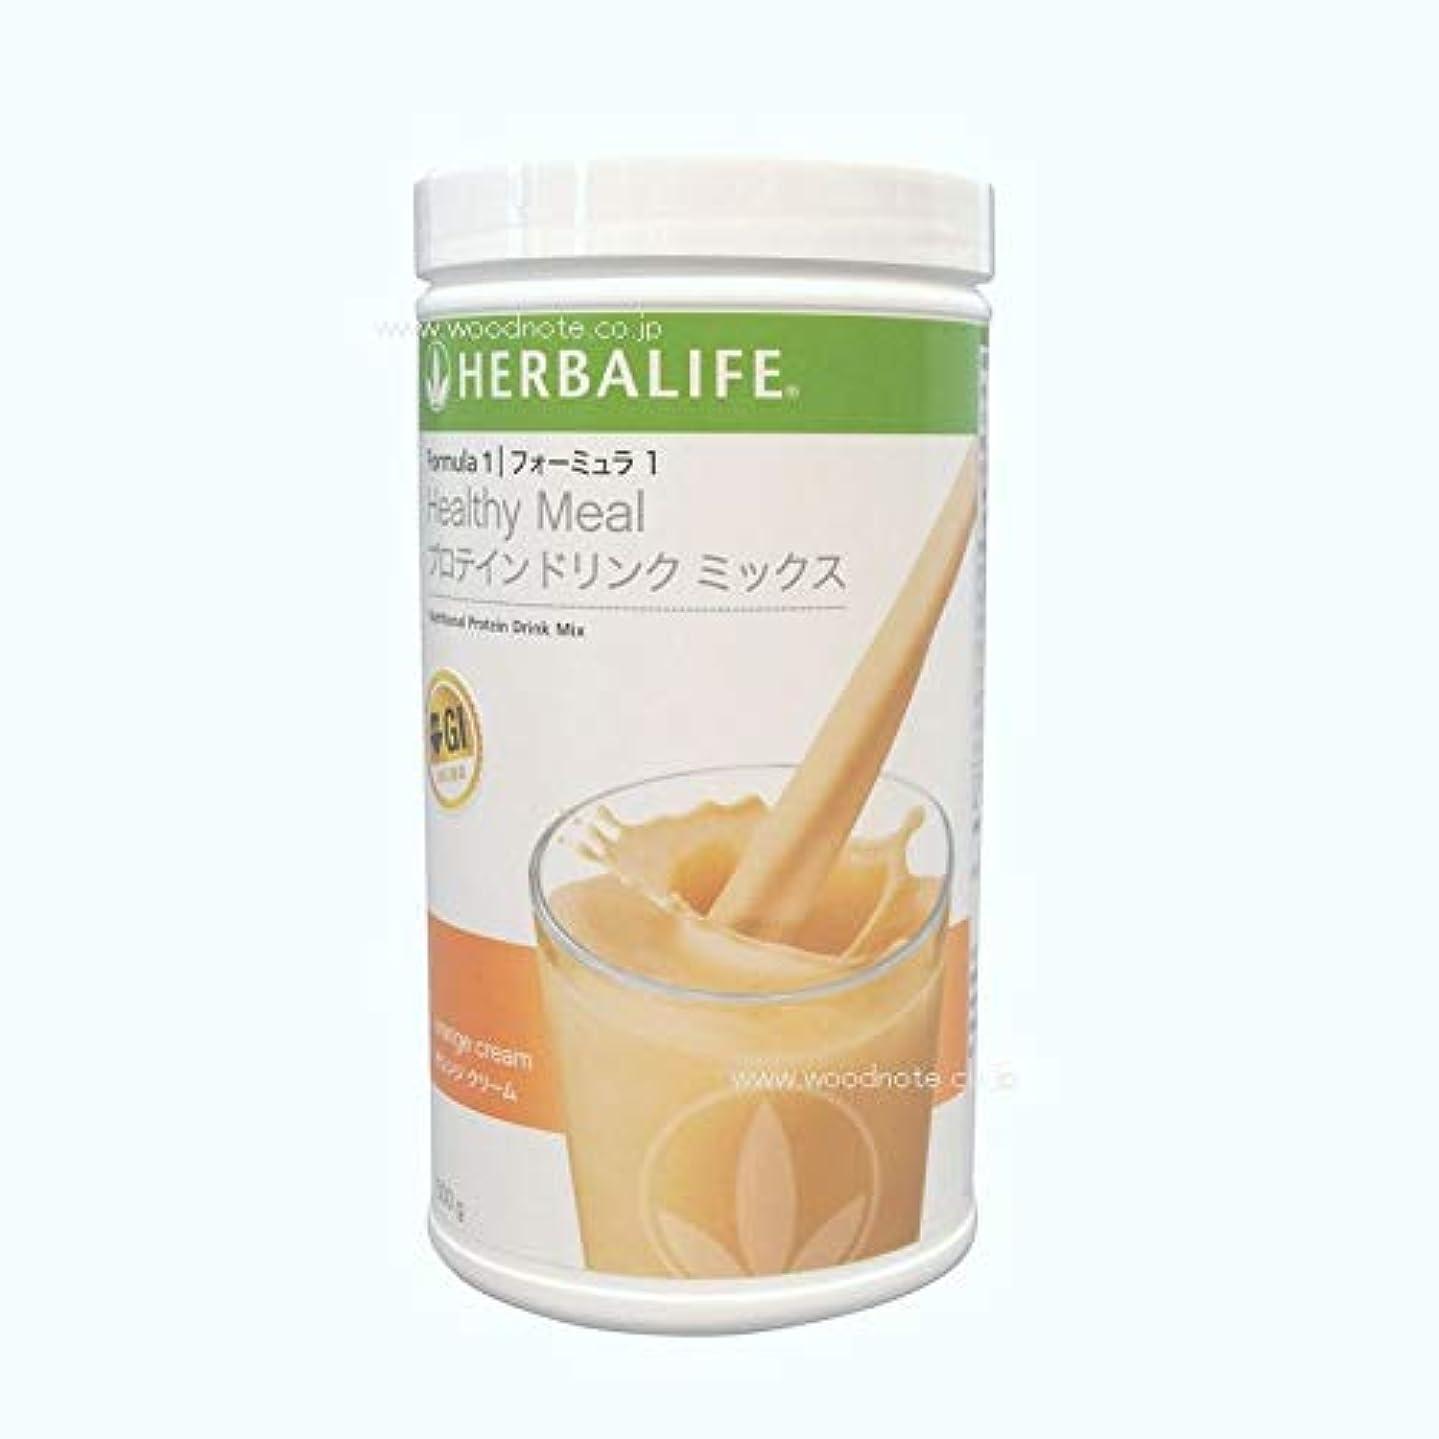 ブラウスバッフル見込みハーバライフ HERBALIFE フォーミュラ1プロテインドリンクミックス オレンジクリーム味